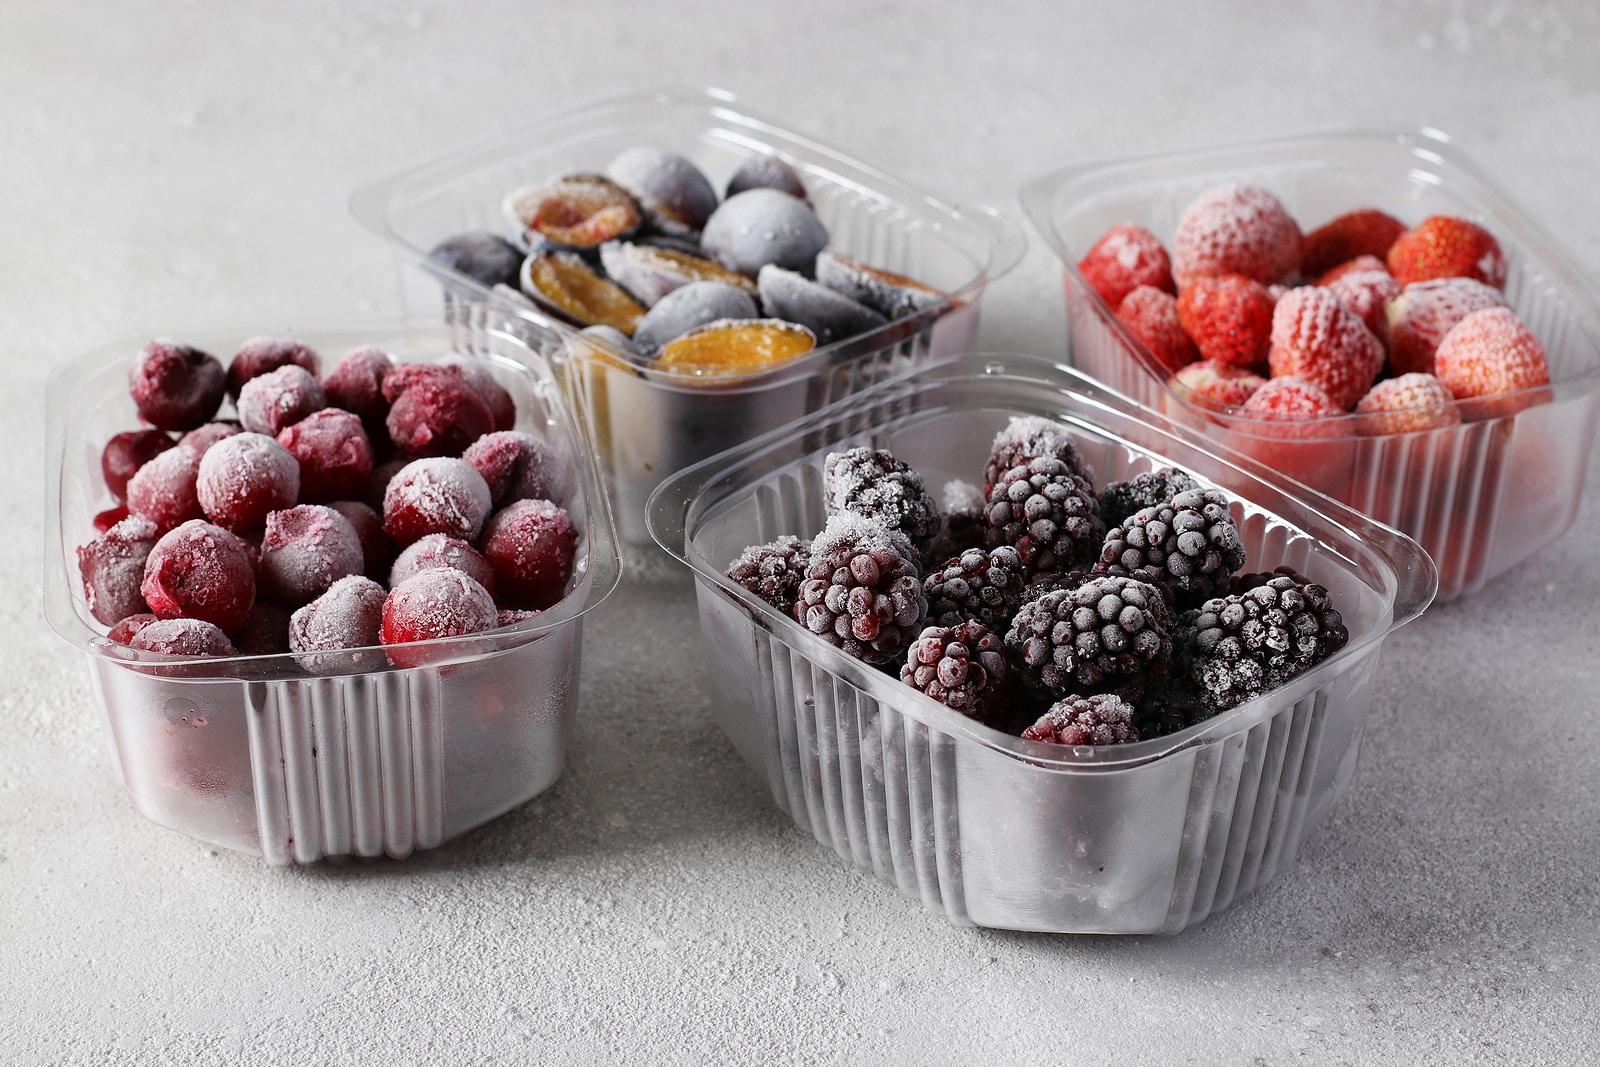 Toxins that affect fertility - frozen berries- pesticides